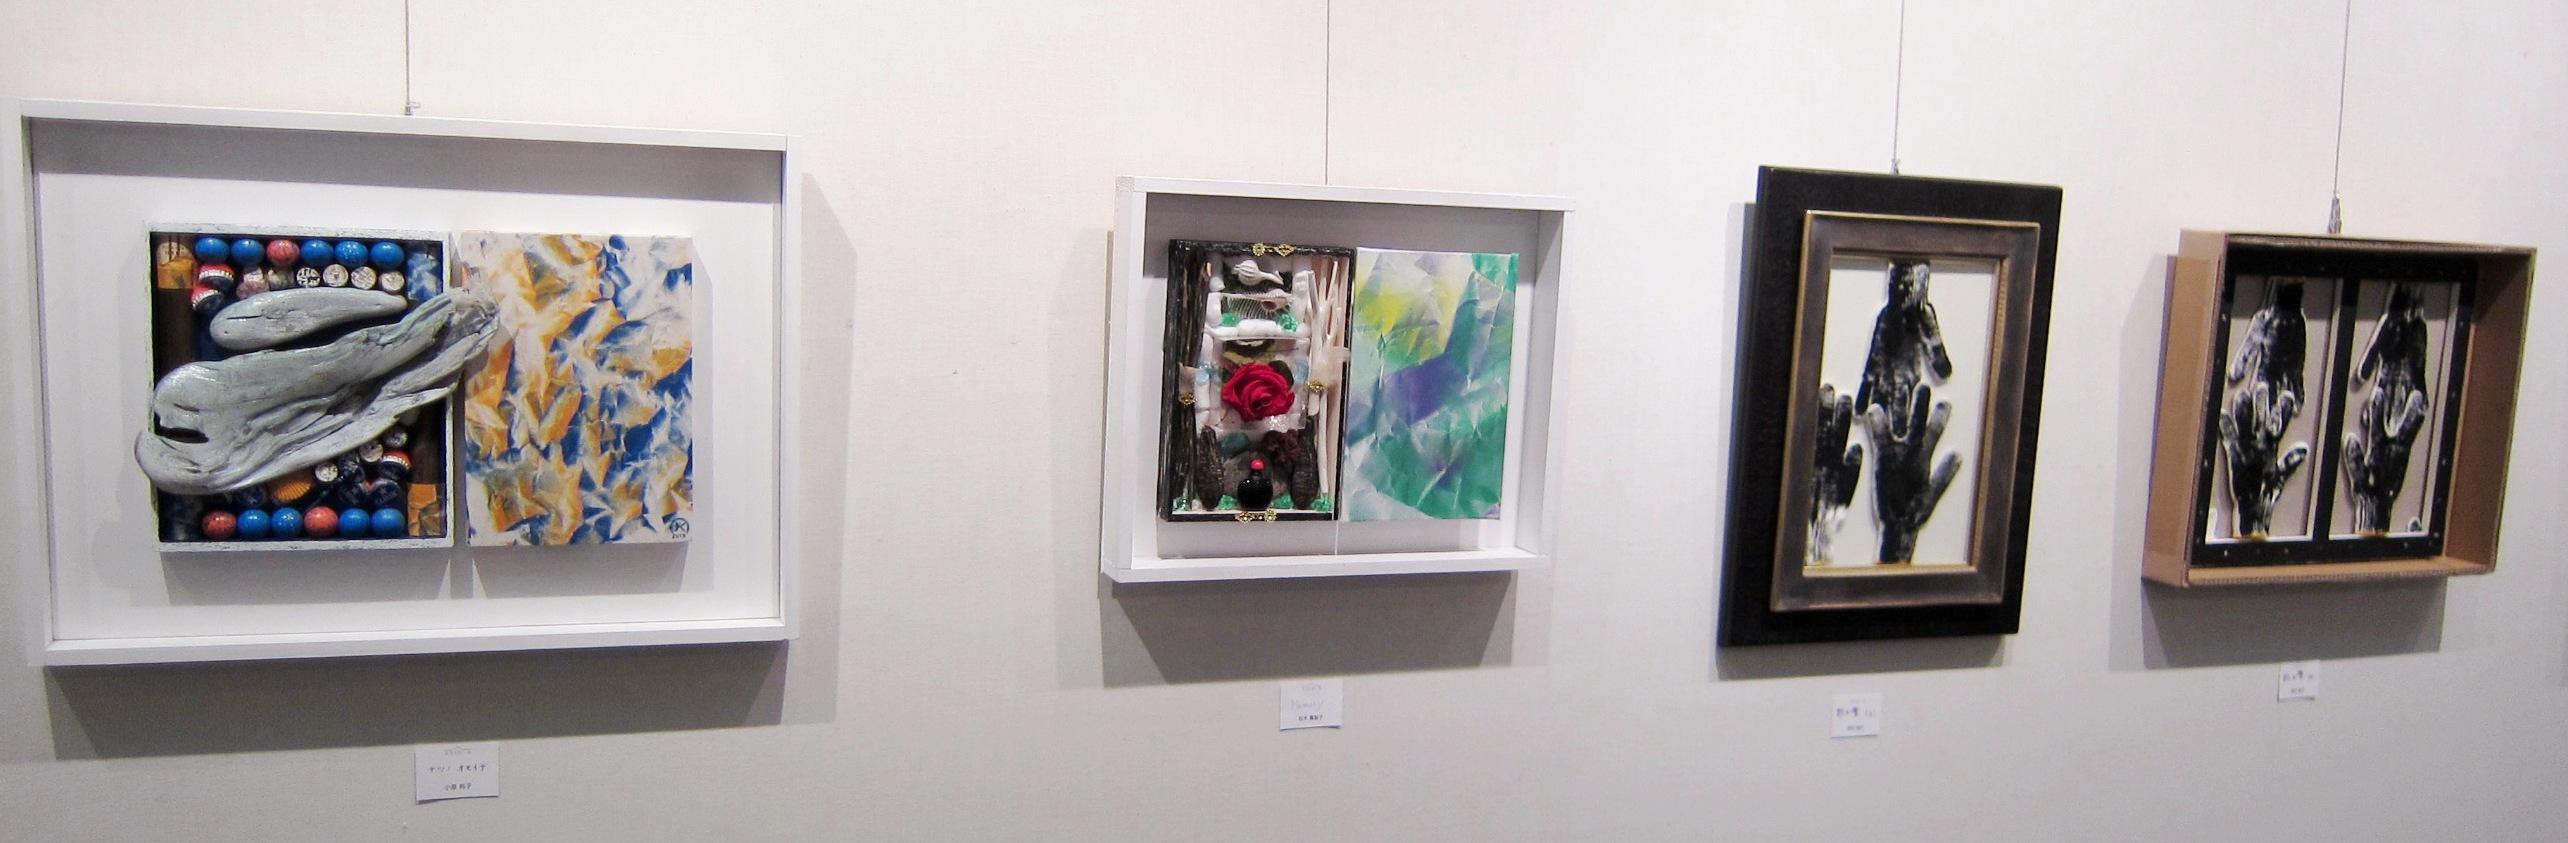 2156)「日本美術家連盟北海道地区 アーティストによる拡げる表現展」スカイ. 終了8月13日(火)~8月18日(日)_f0126829_115612.jpg